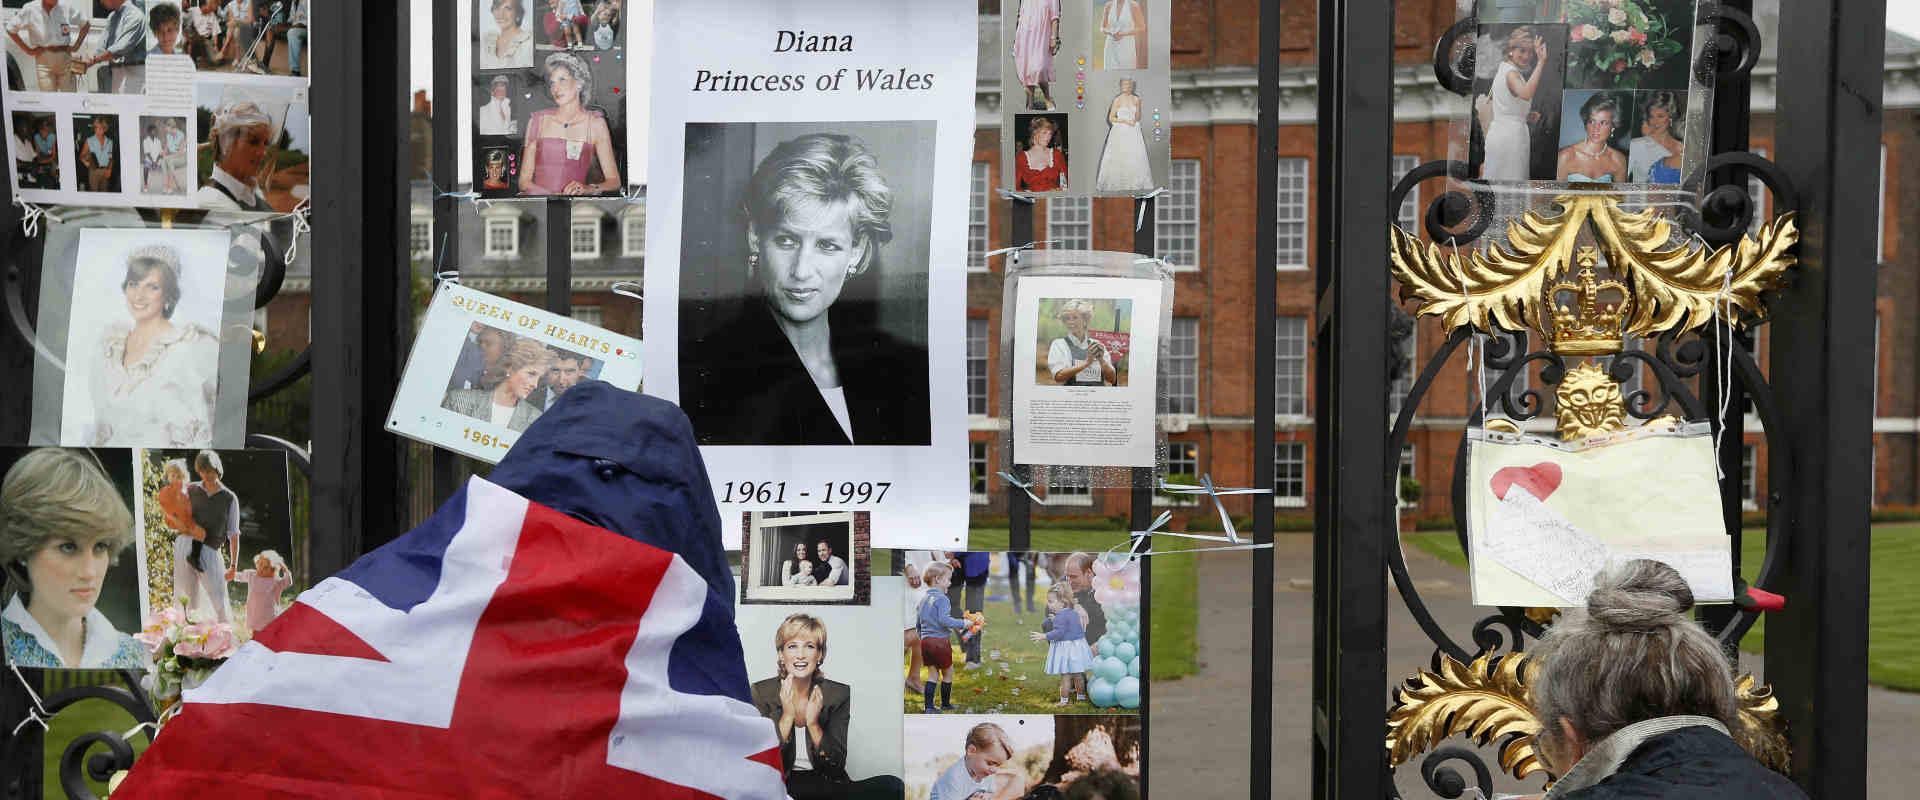 מעריצי הנסיכה דיאנה מציינים 20 שנה למותה